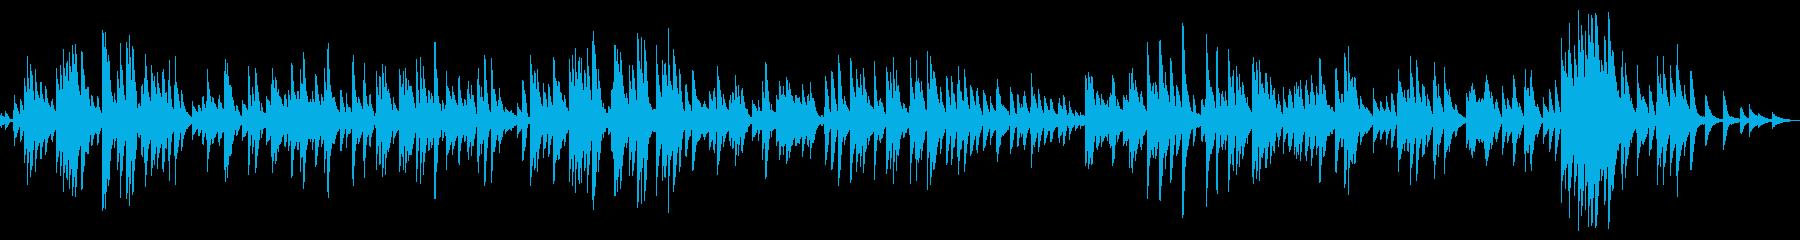 スローテンポで穏やかな癒し系のピアノ曲の再生済みの波形